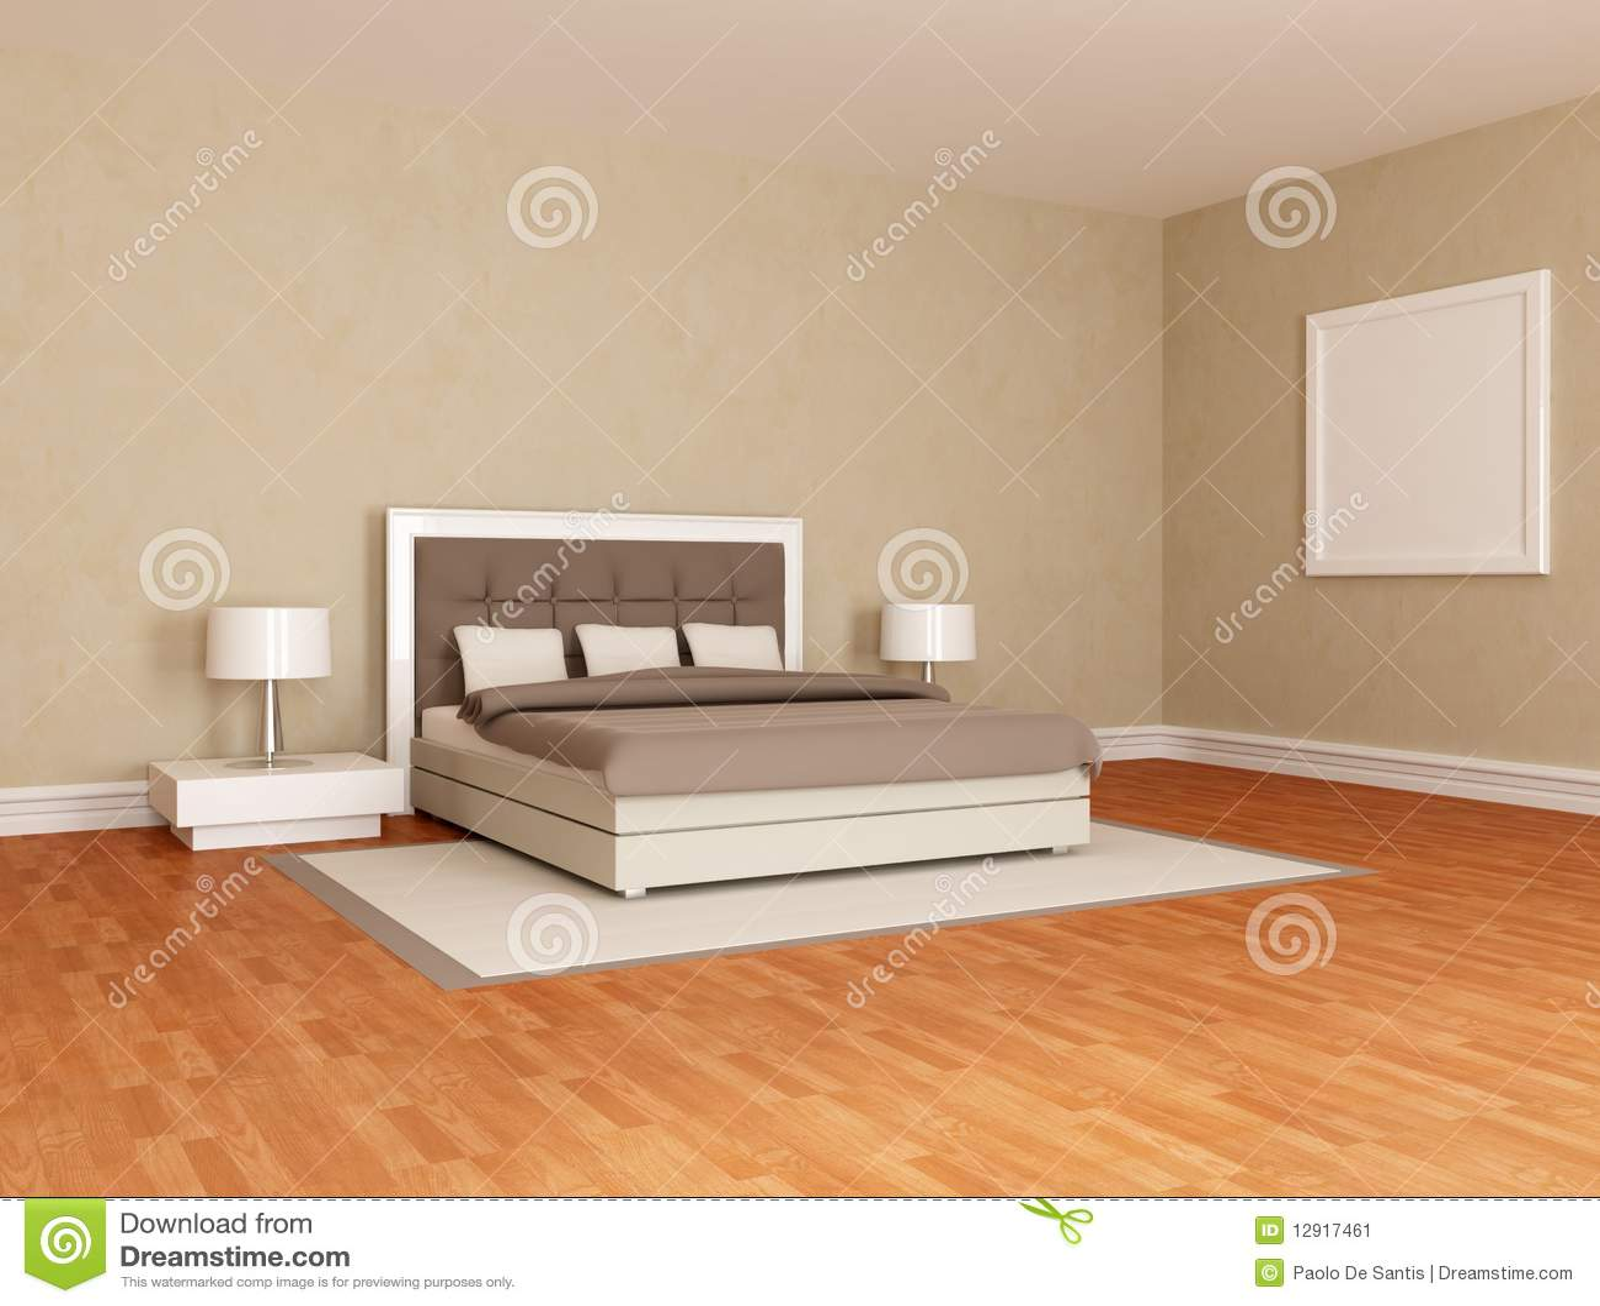 Braunes Schlafzimmer | Wesentliches Braunes Schlafzimmer Stock Abbildung Illustration Von